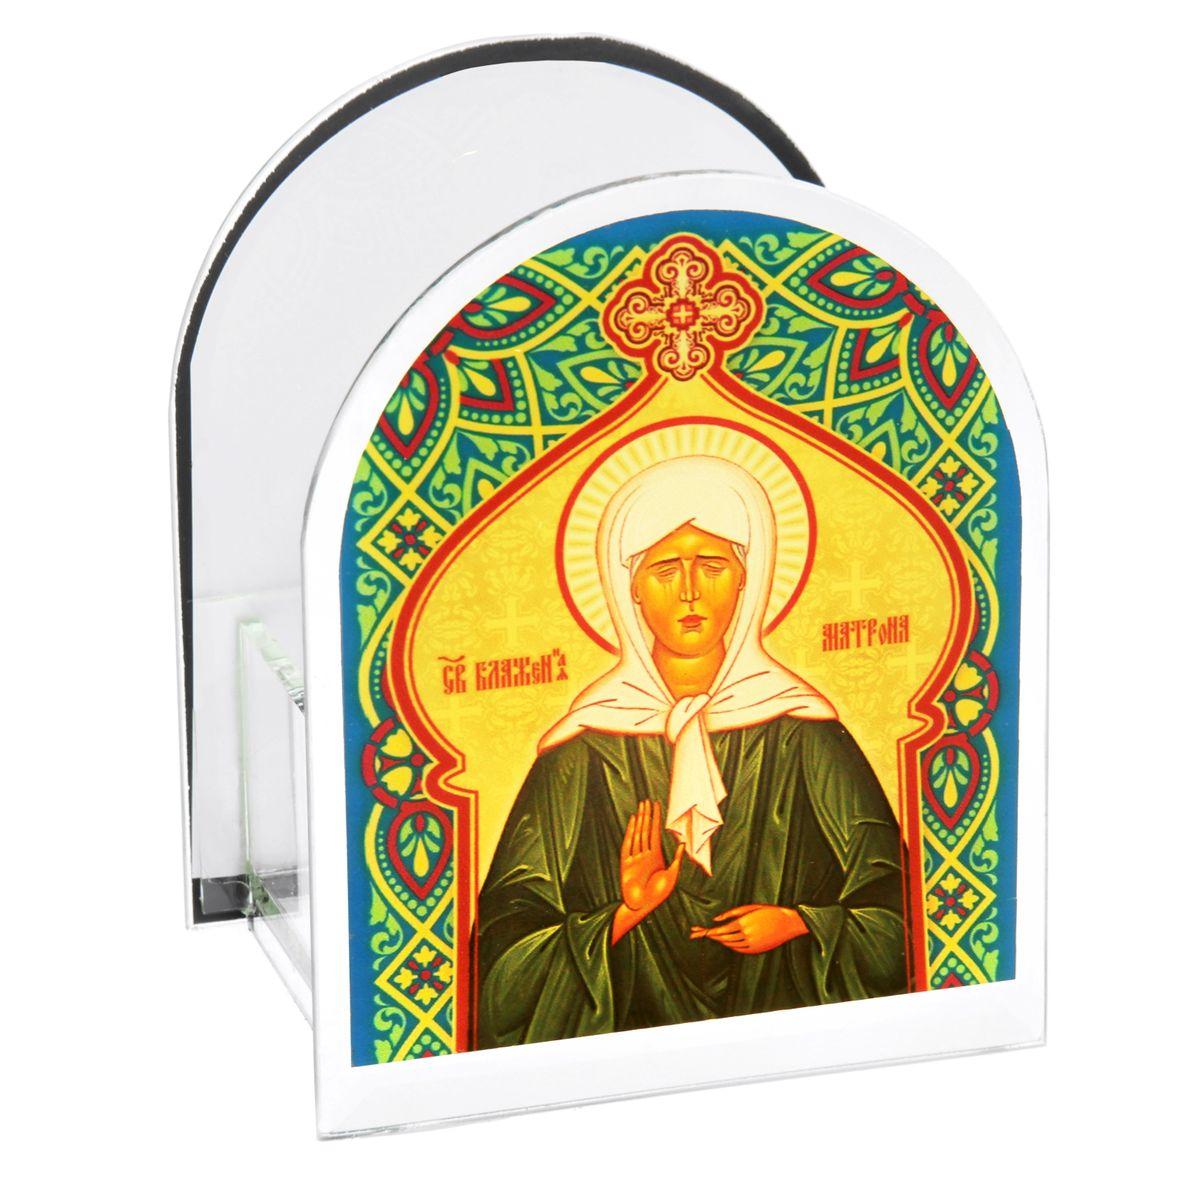 Подсвечник Sima-land Святая Матрона Московская842463Подсвечник Sima-land Святая Матрона Московская изготовлен из качественного стекла, предназначен для свечи в гильзе. С одной стороны подсвечника изображен лик святого, с другой стороны нанесена молитва. Зажгите свечку поставьте ее в подсвечник и наслаждайтесь теплом, которое наполнит ваше сердце. Такой подсвечник привнесет в ваш дом согласие и мир и будет прекрасным подарком, оберегающим близких вам людей. Размер подсвечника (ДхШхВ): 9 см х 7 см х 11 см. Диаметр отверстия для свечи: 4,5 см.